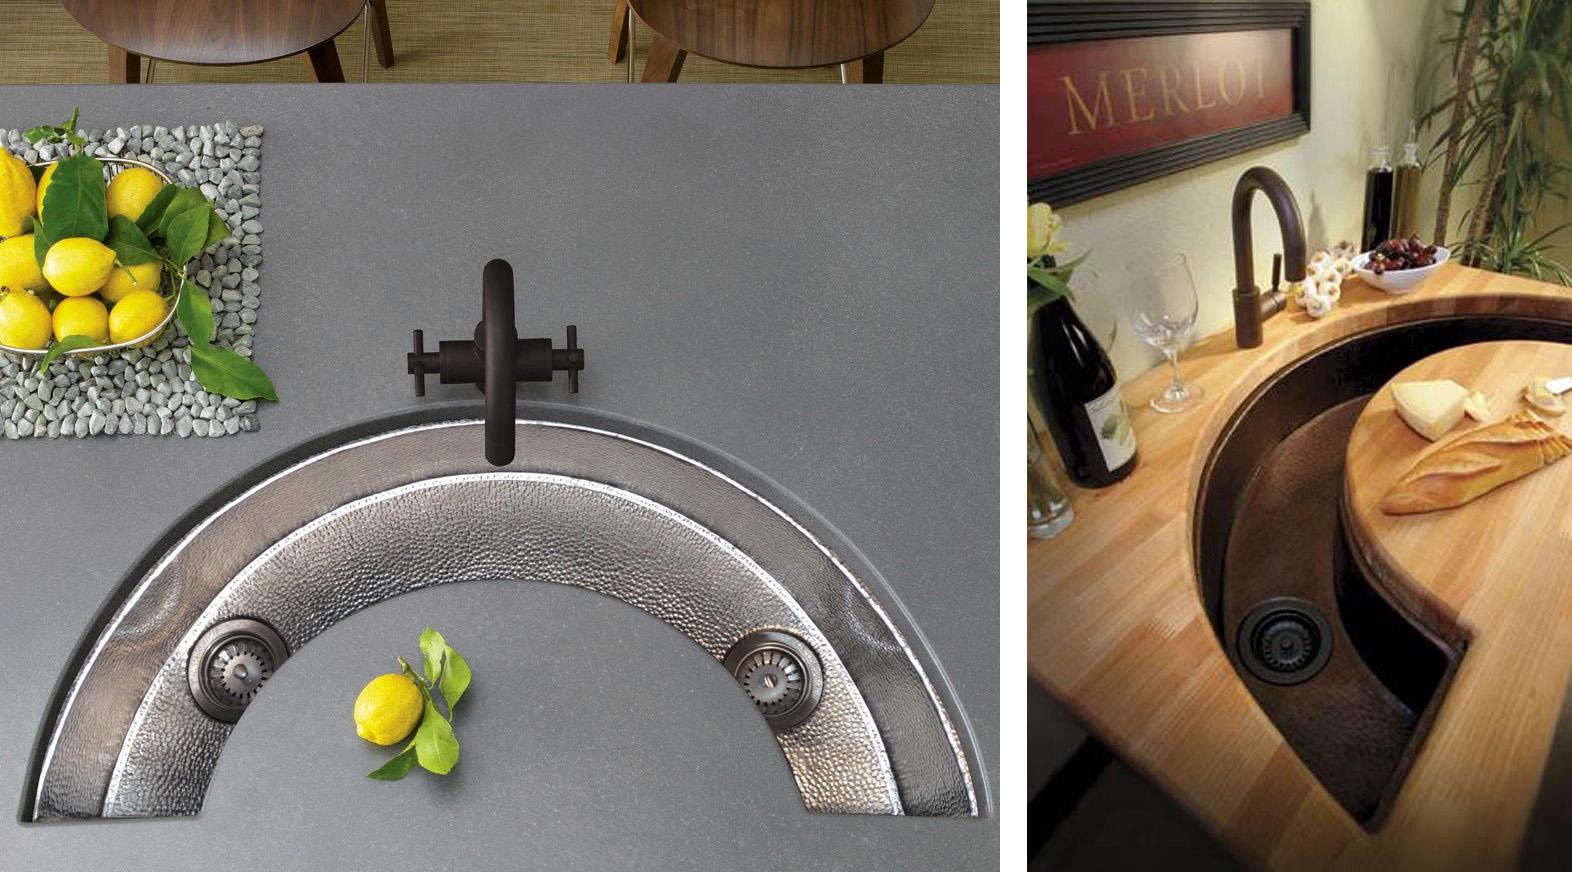 вспомогательная кухонная сервировочная мойка полукруглая для кухонного строва